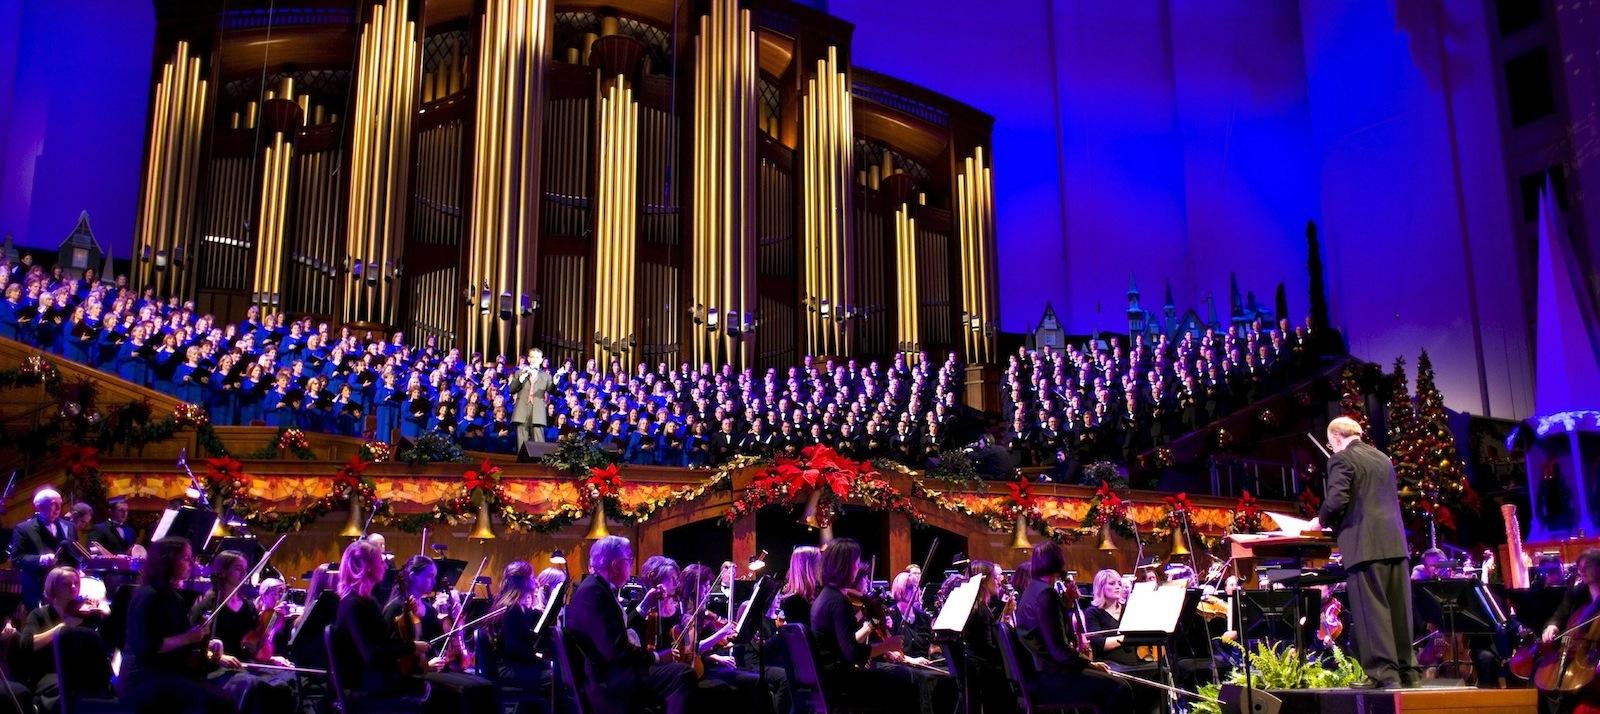 christmas-concert-607713-wallpaper1.jpg